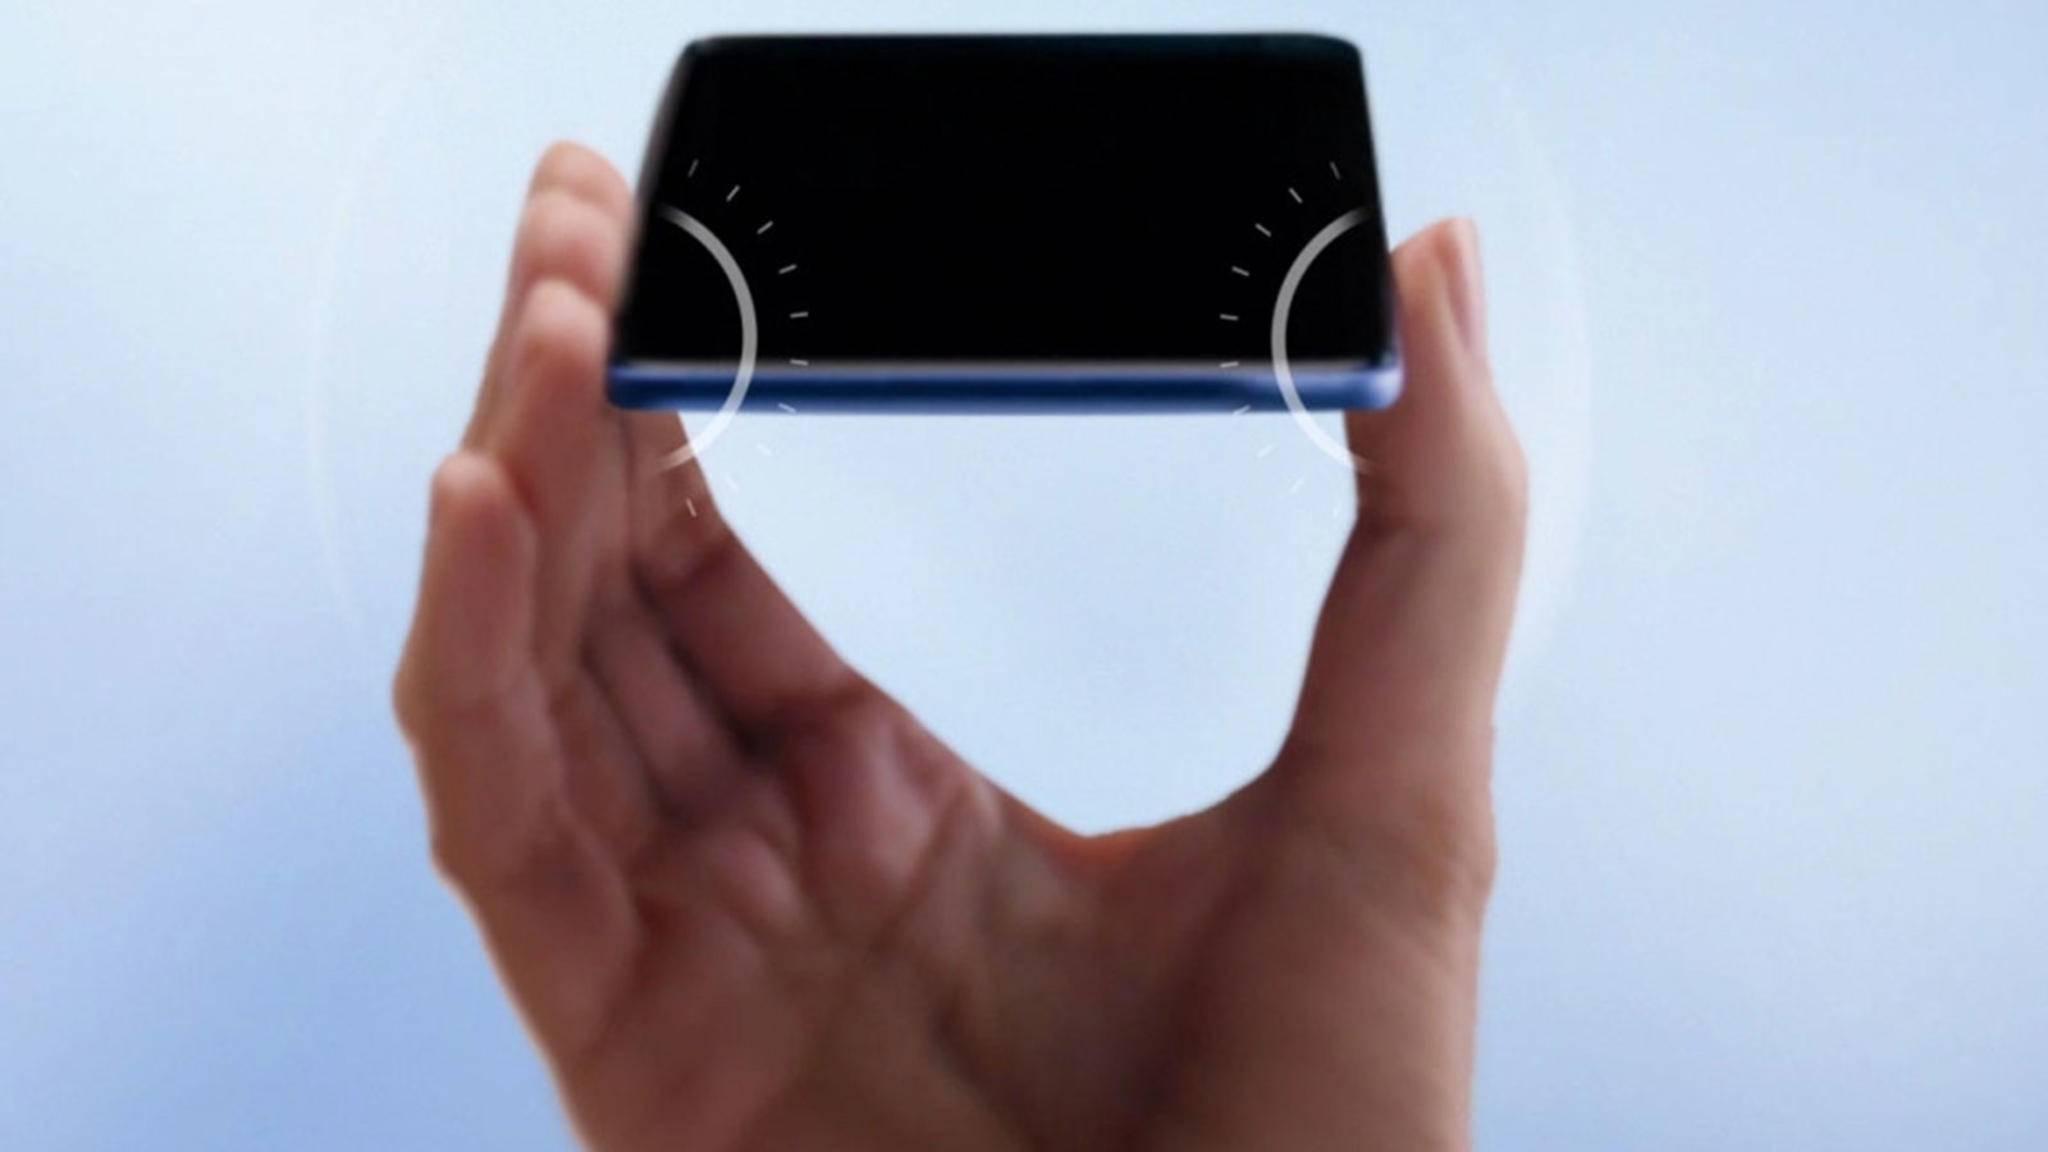 Das neue Spitzenmodell aus Taiwan heißt HTC U 11